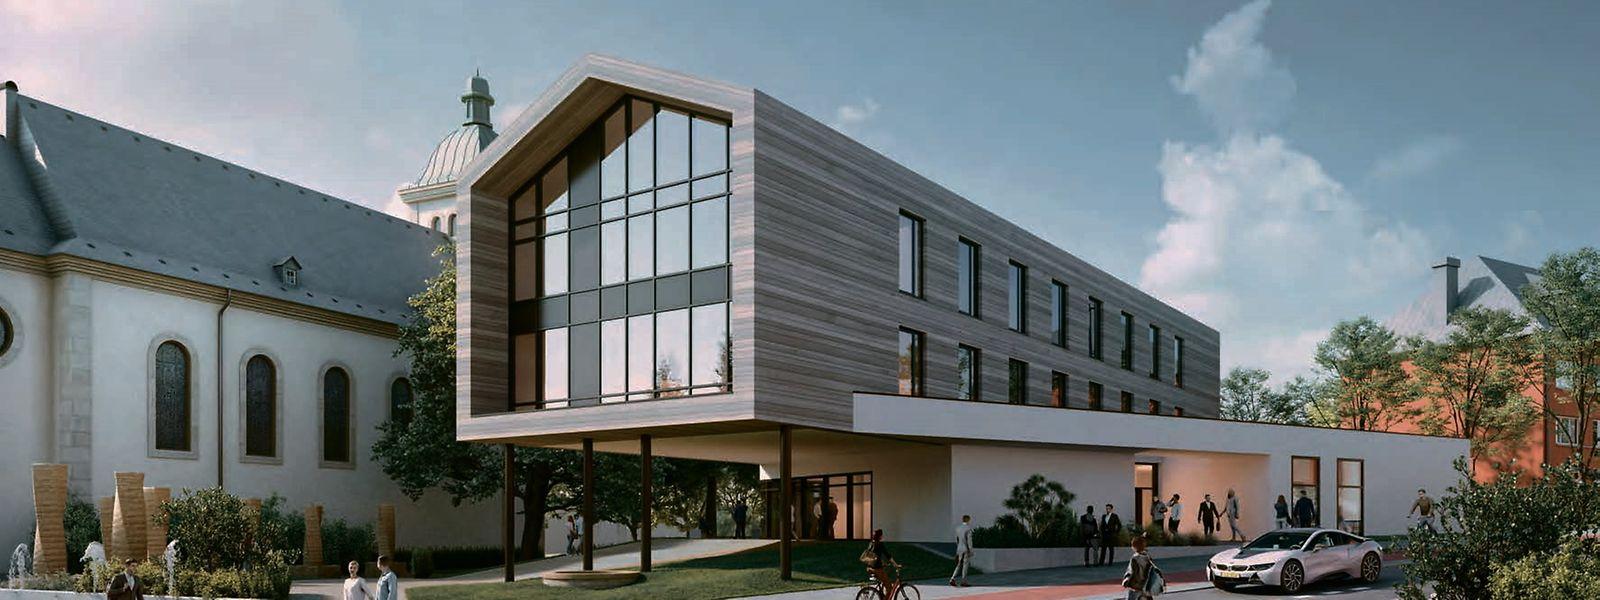 Geht es nach den Plänen des Schöffenrats, soll die Sandweiler Gemeindeverwaltung ein neues Zuhause bekommen.